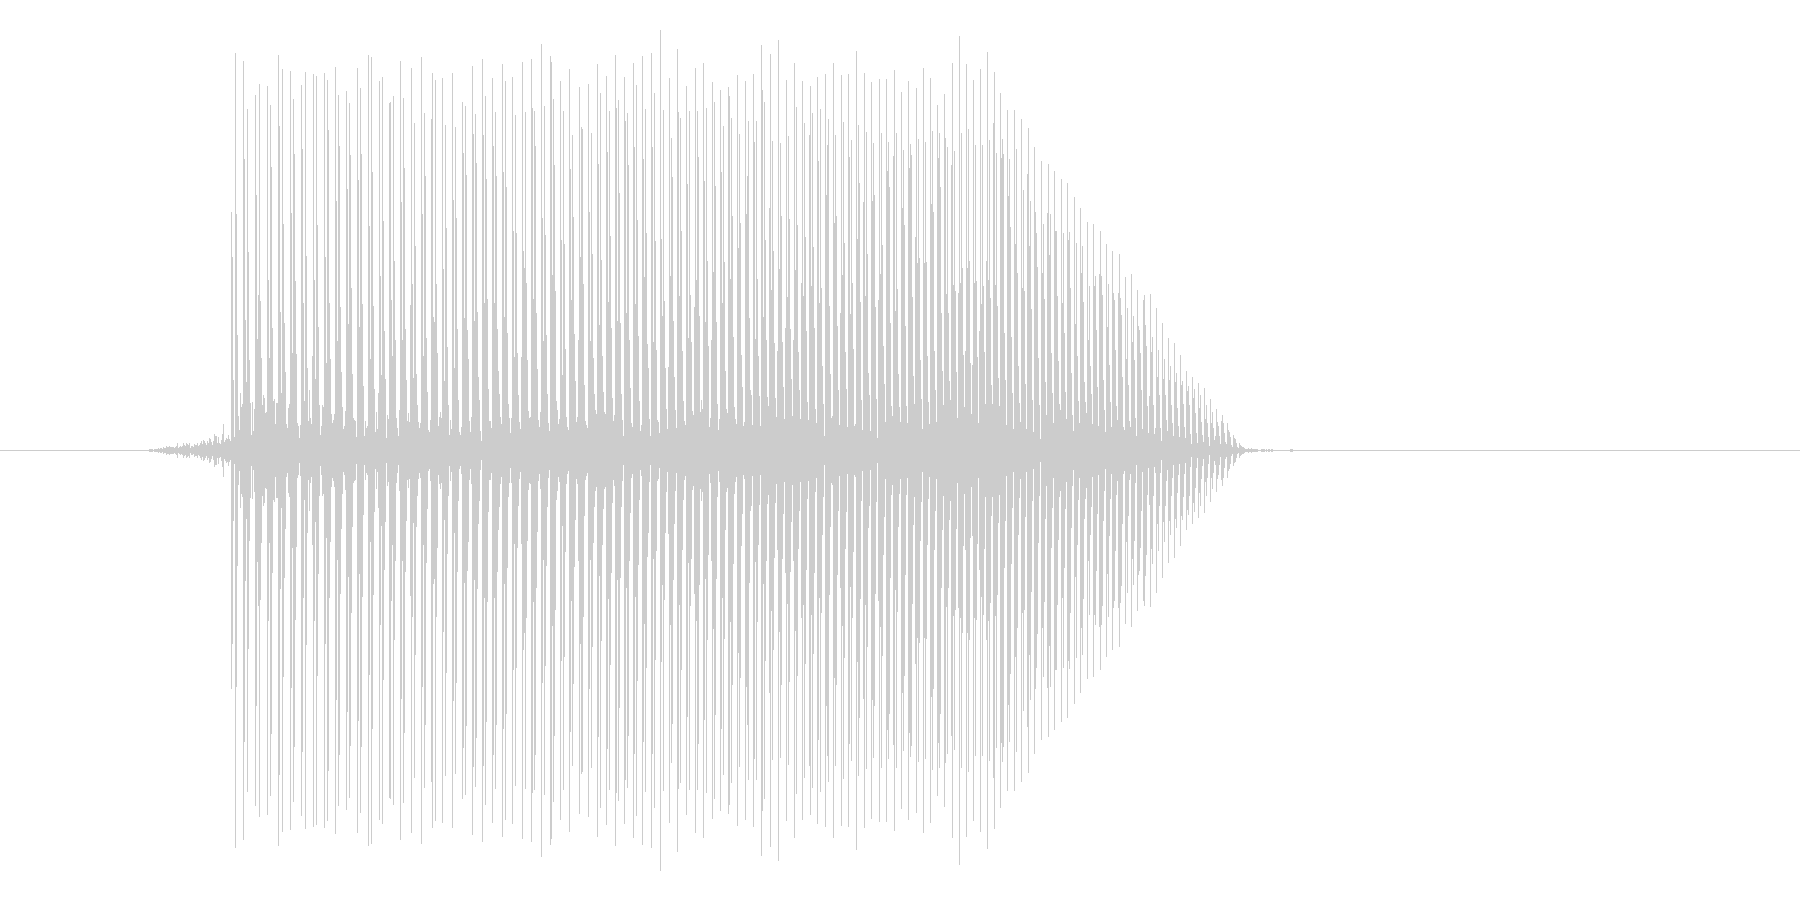 ゲーム(ファミコン風)ジャンプ音_048の未再生の波形